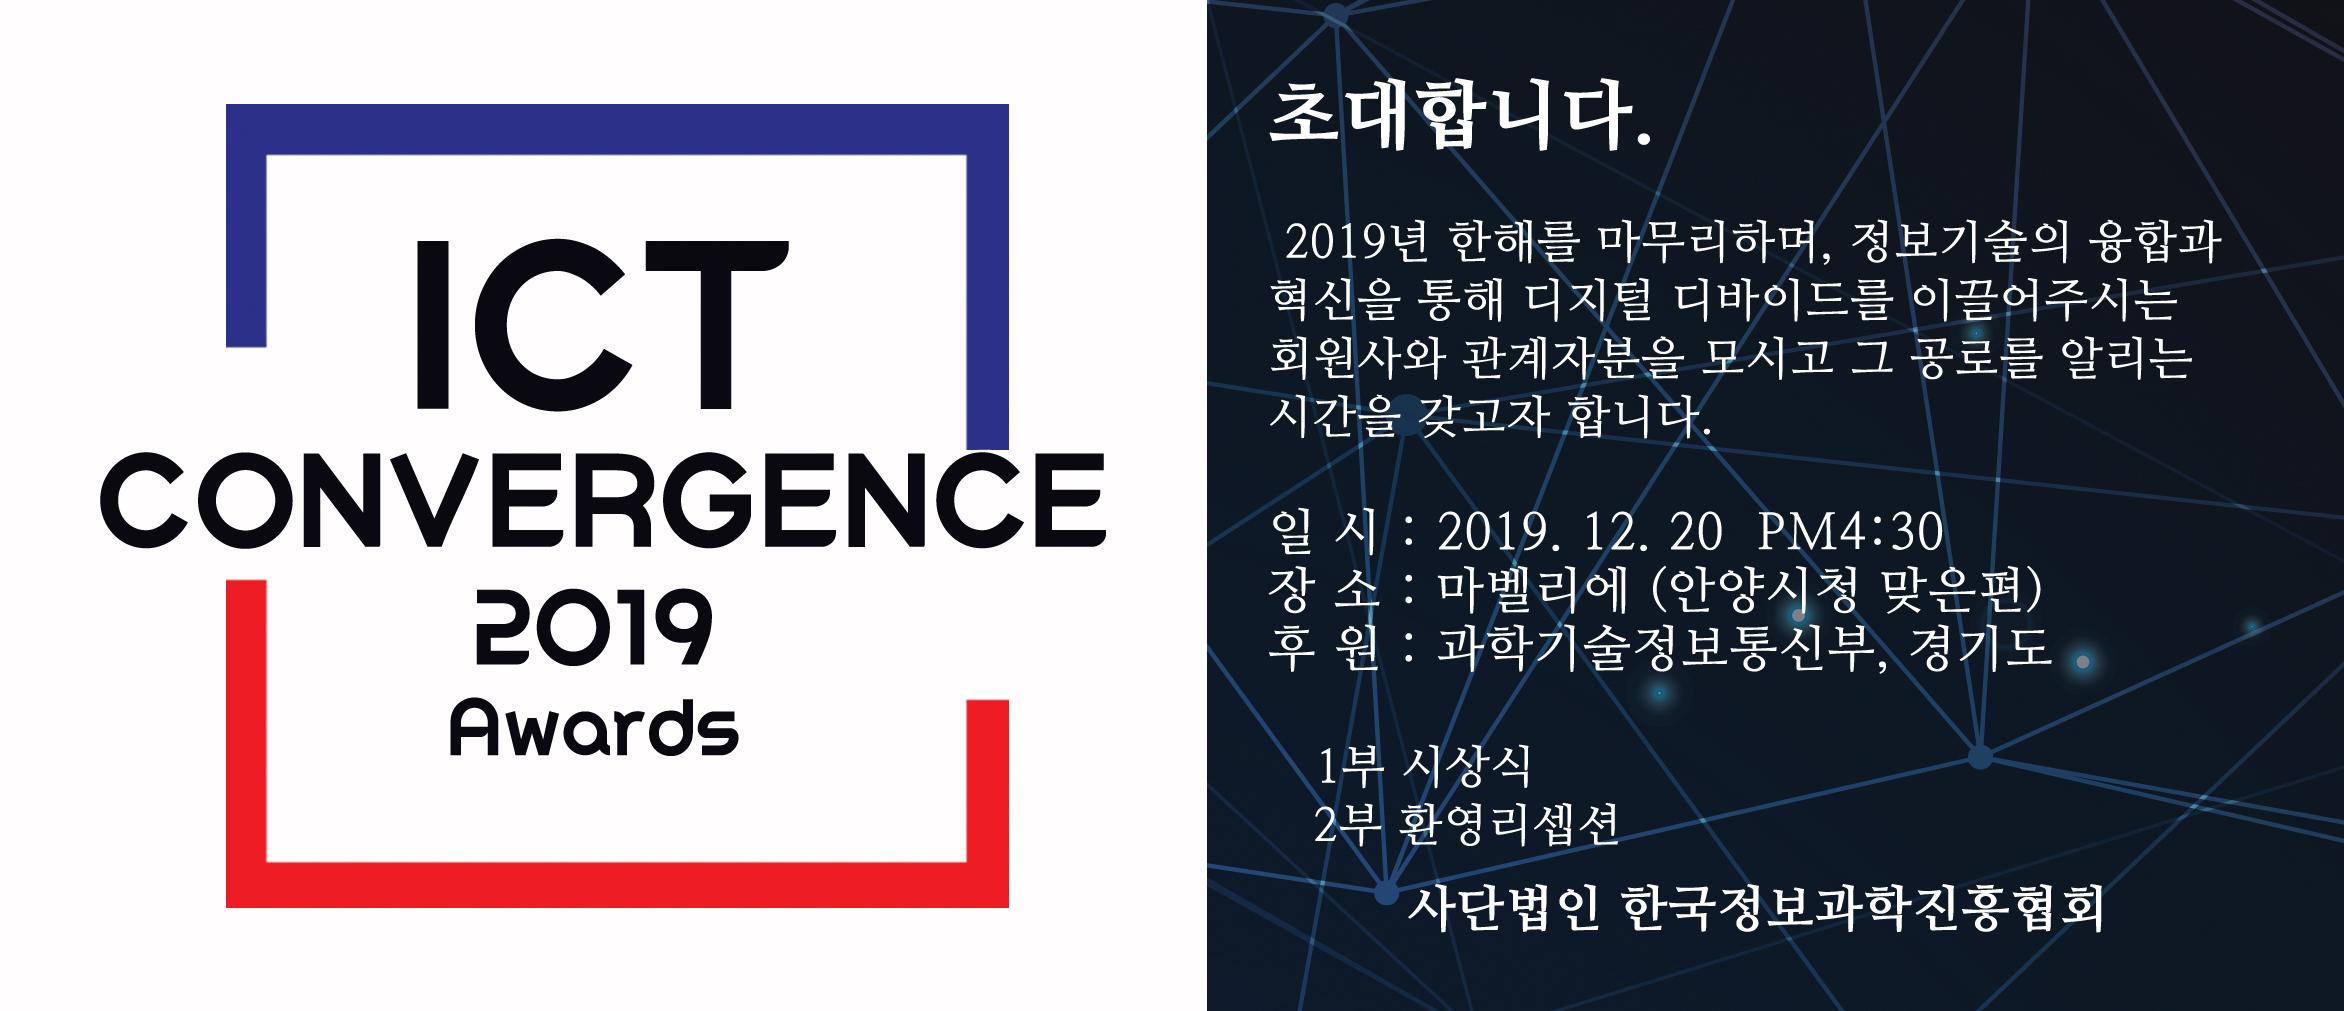 ICT Convergence 2019_인테넷초대이미지.jpg